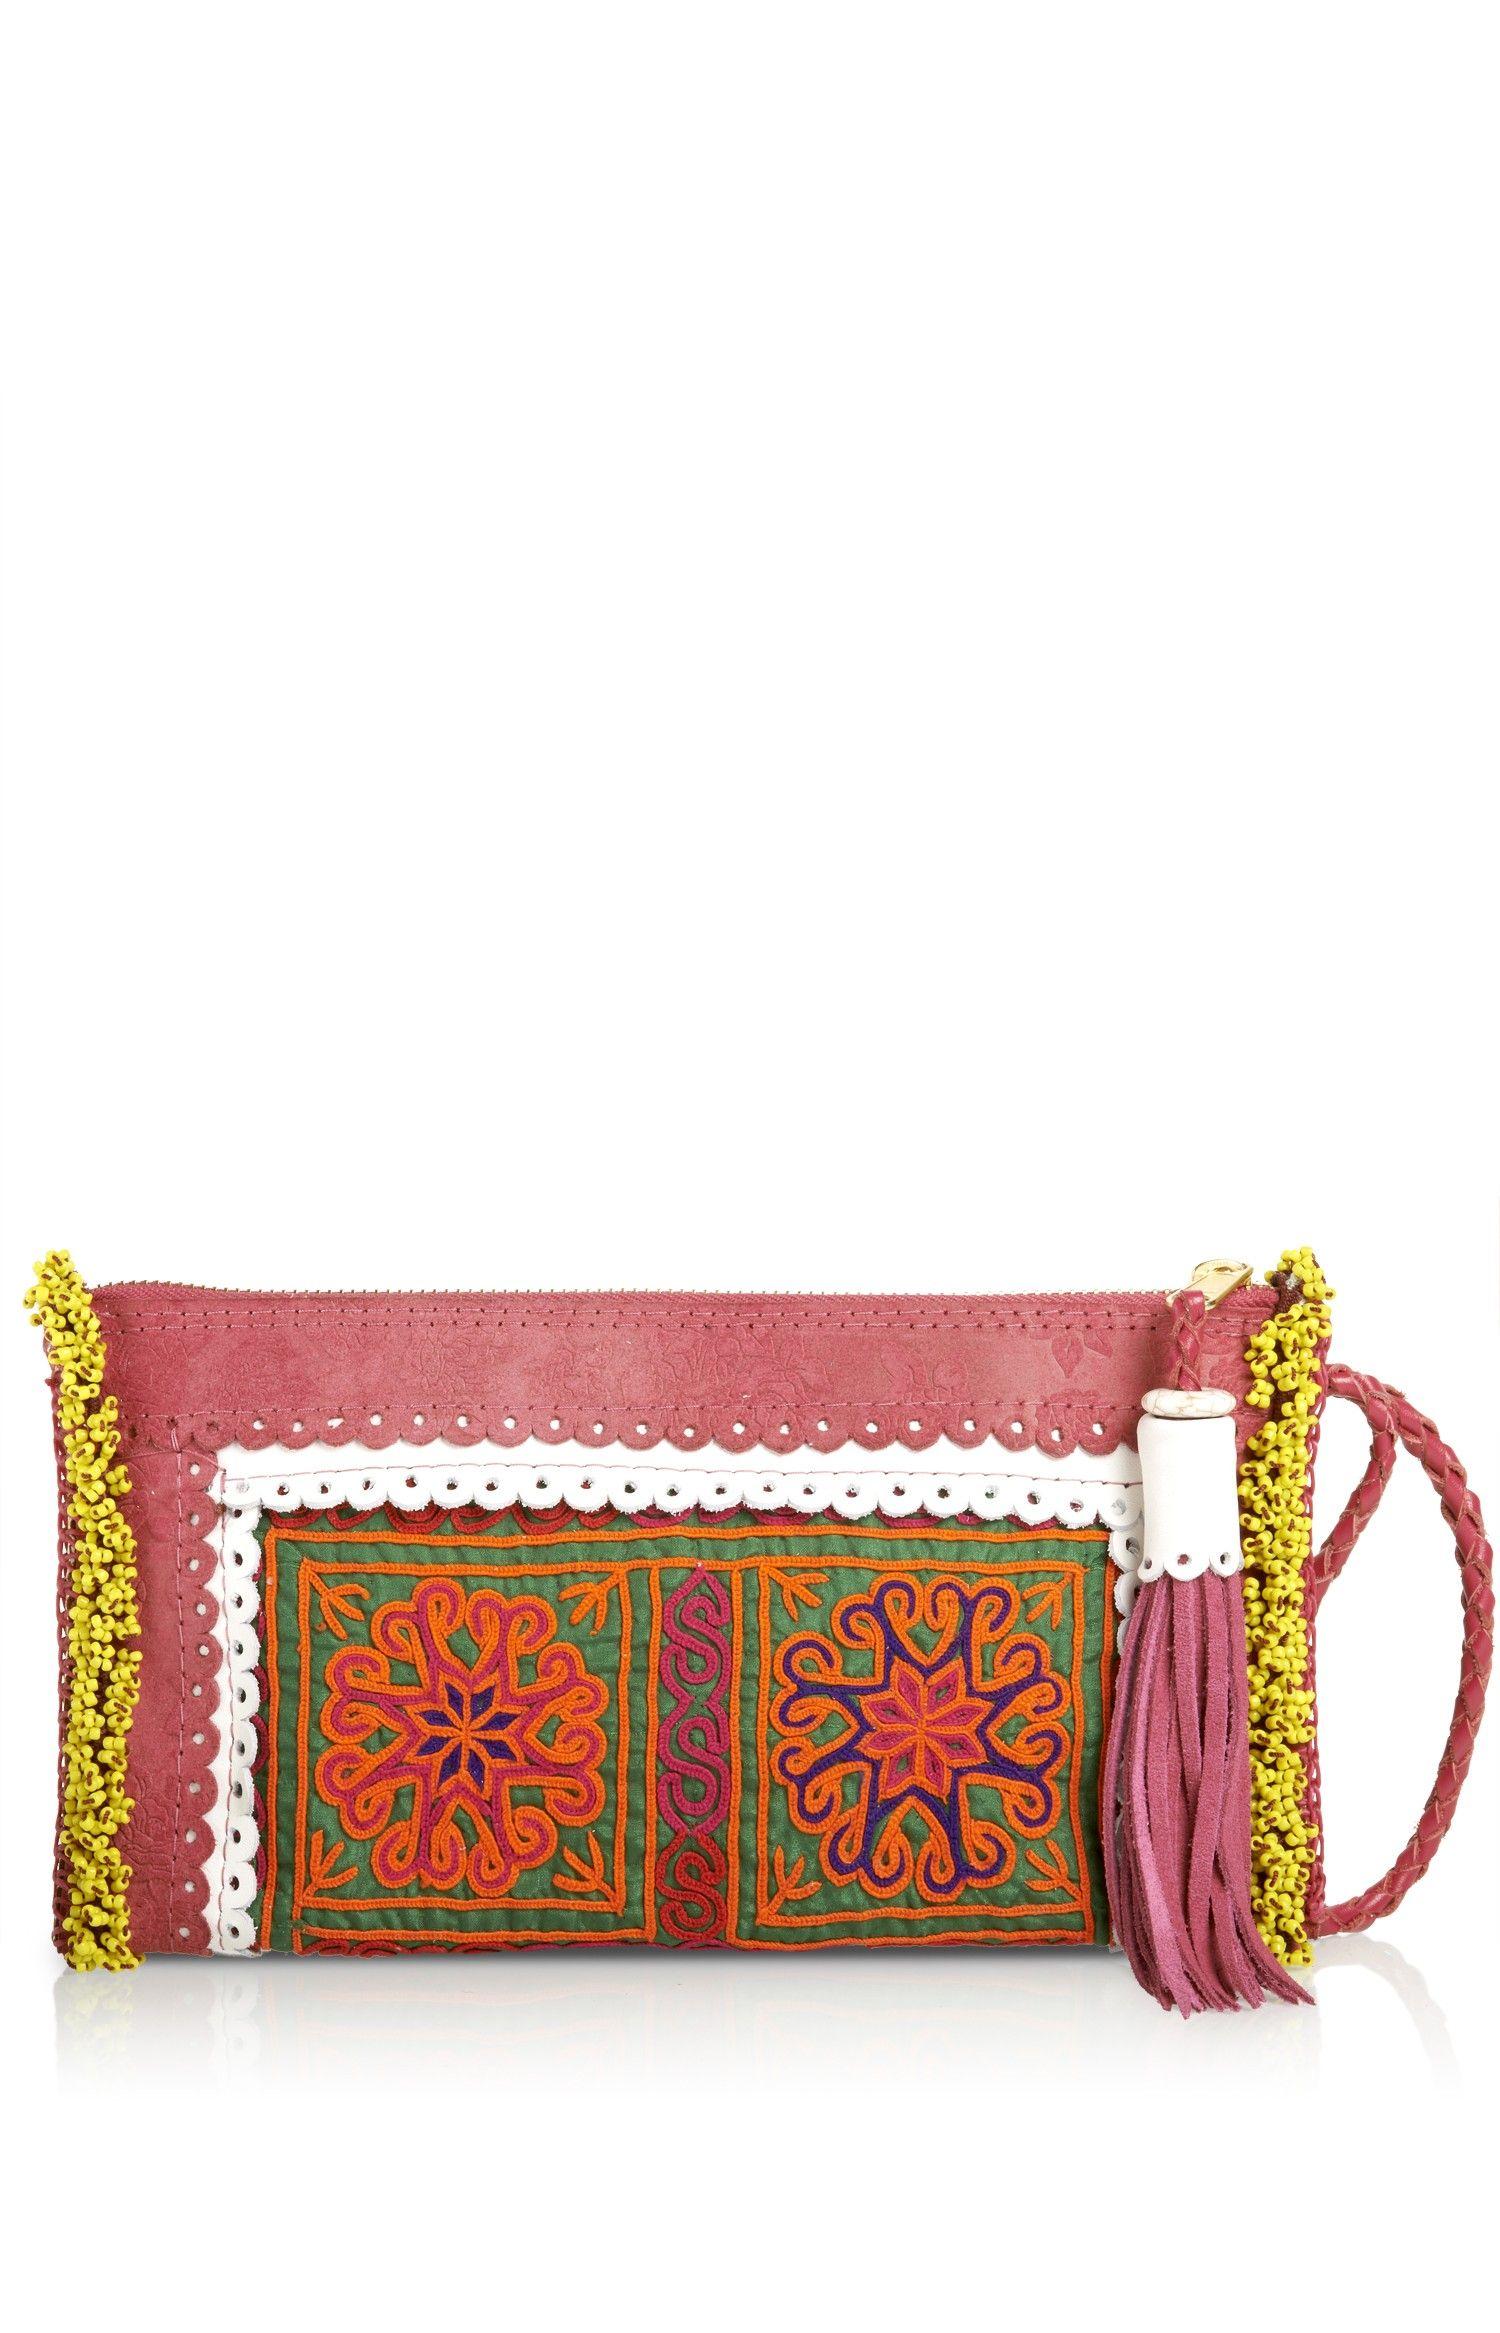 Afgani wallet. WFI.